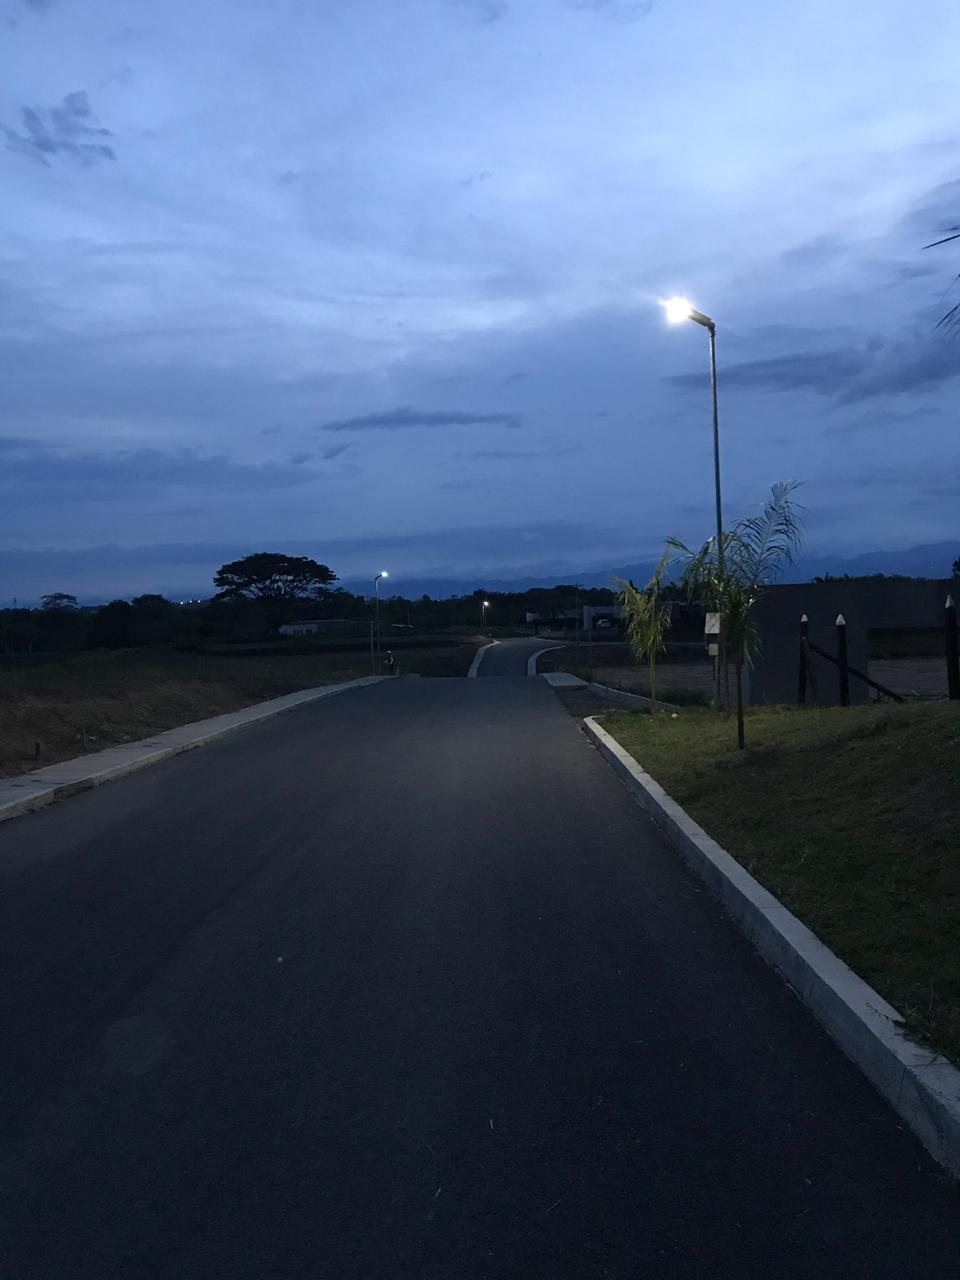 ALLTOP -Oem Led Street Light China Price List | Alltop Lighting